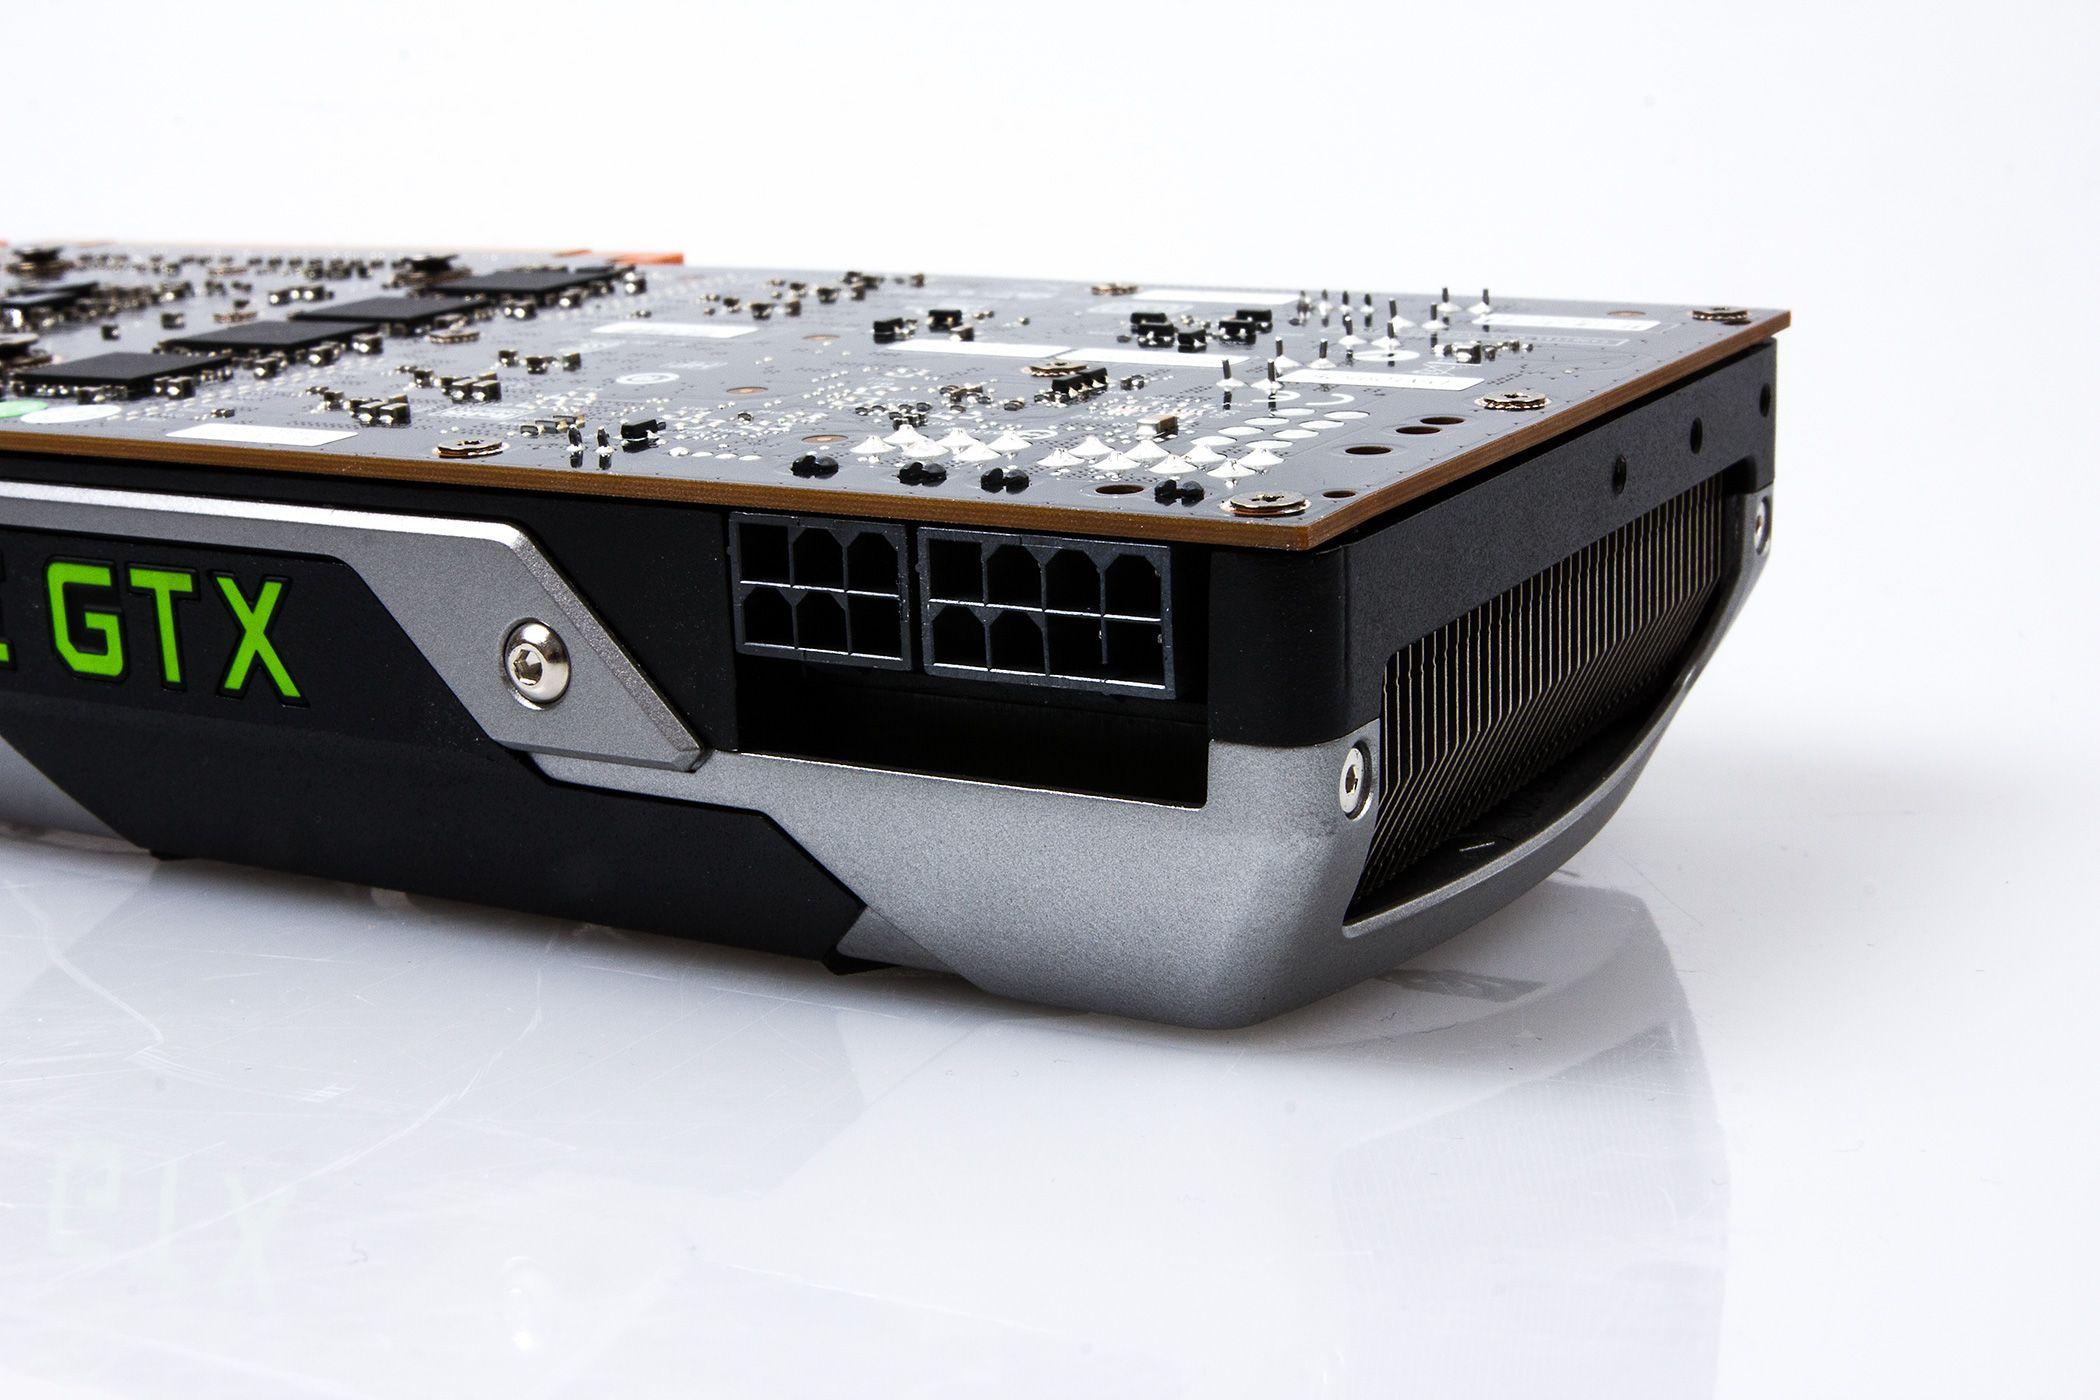 Skjermkortet trekker ikke så mye strøm, og trenger bare 1 x 6-pins og 1 x 8-pins PCIe-strømtilførsel.Foto: Varg Aamo, hardware.no